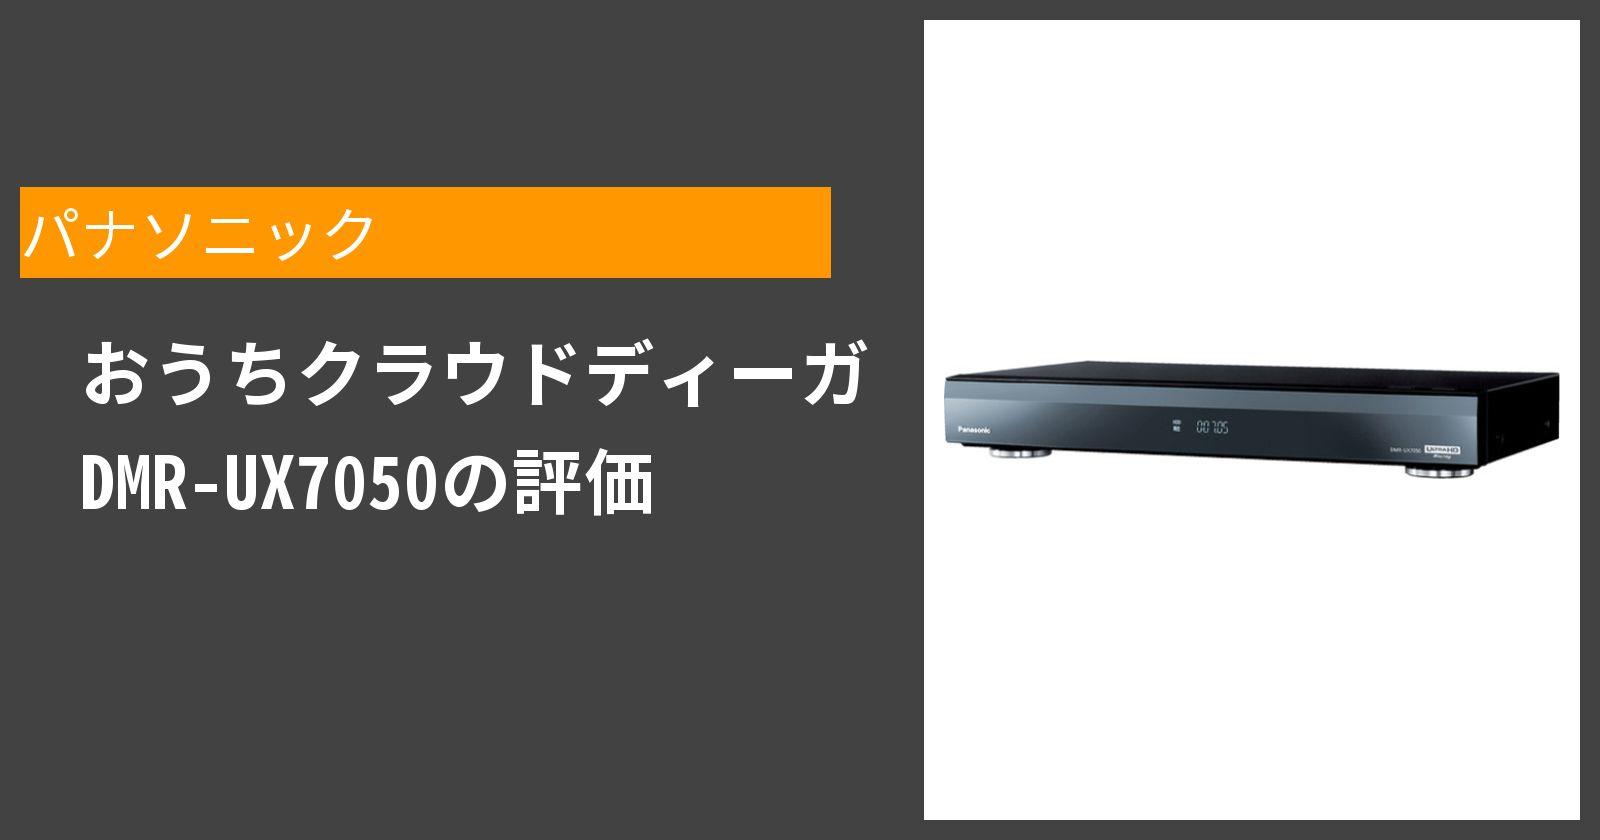 おうちクラウドディーガ DMR-UX7050を徹底評価